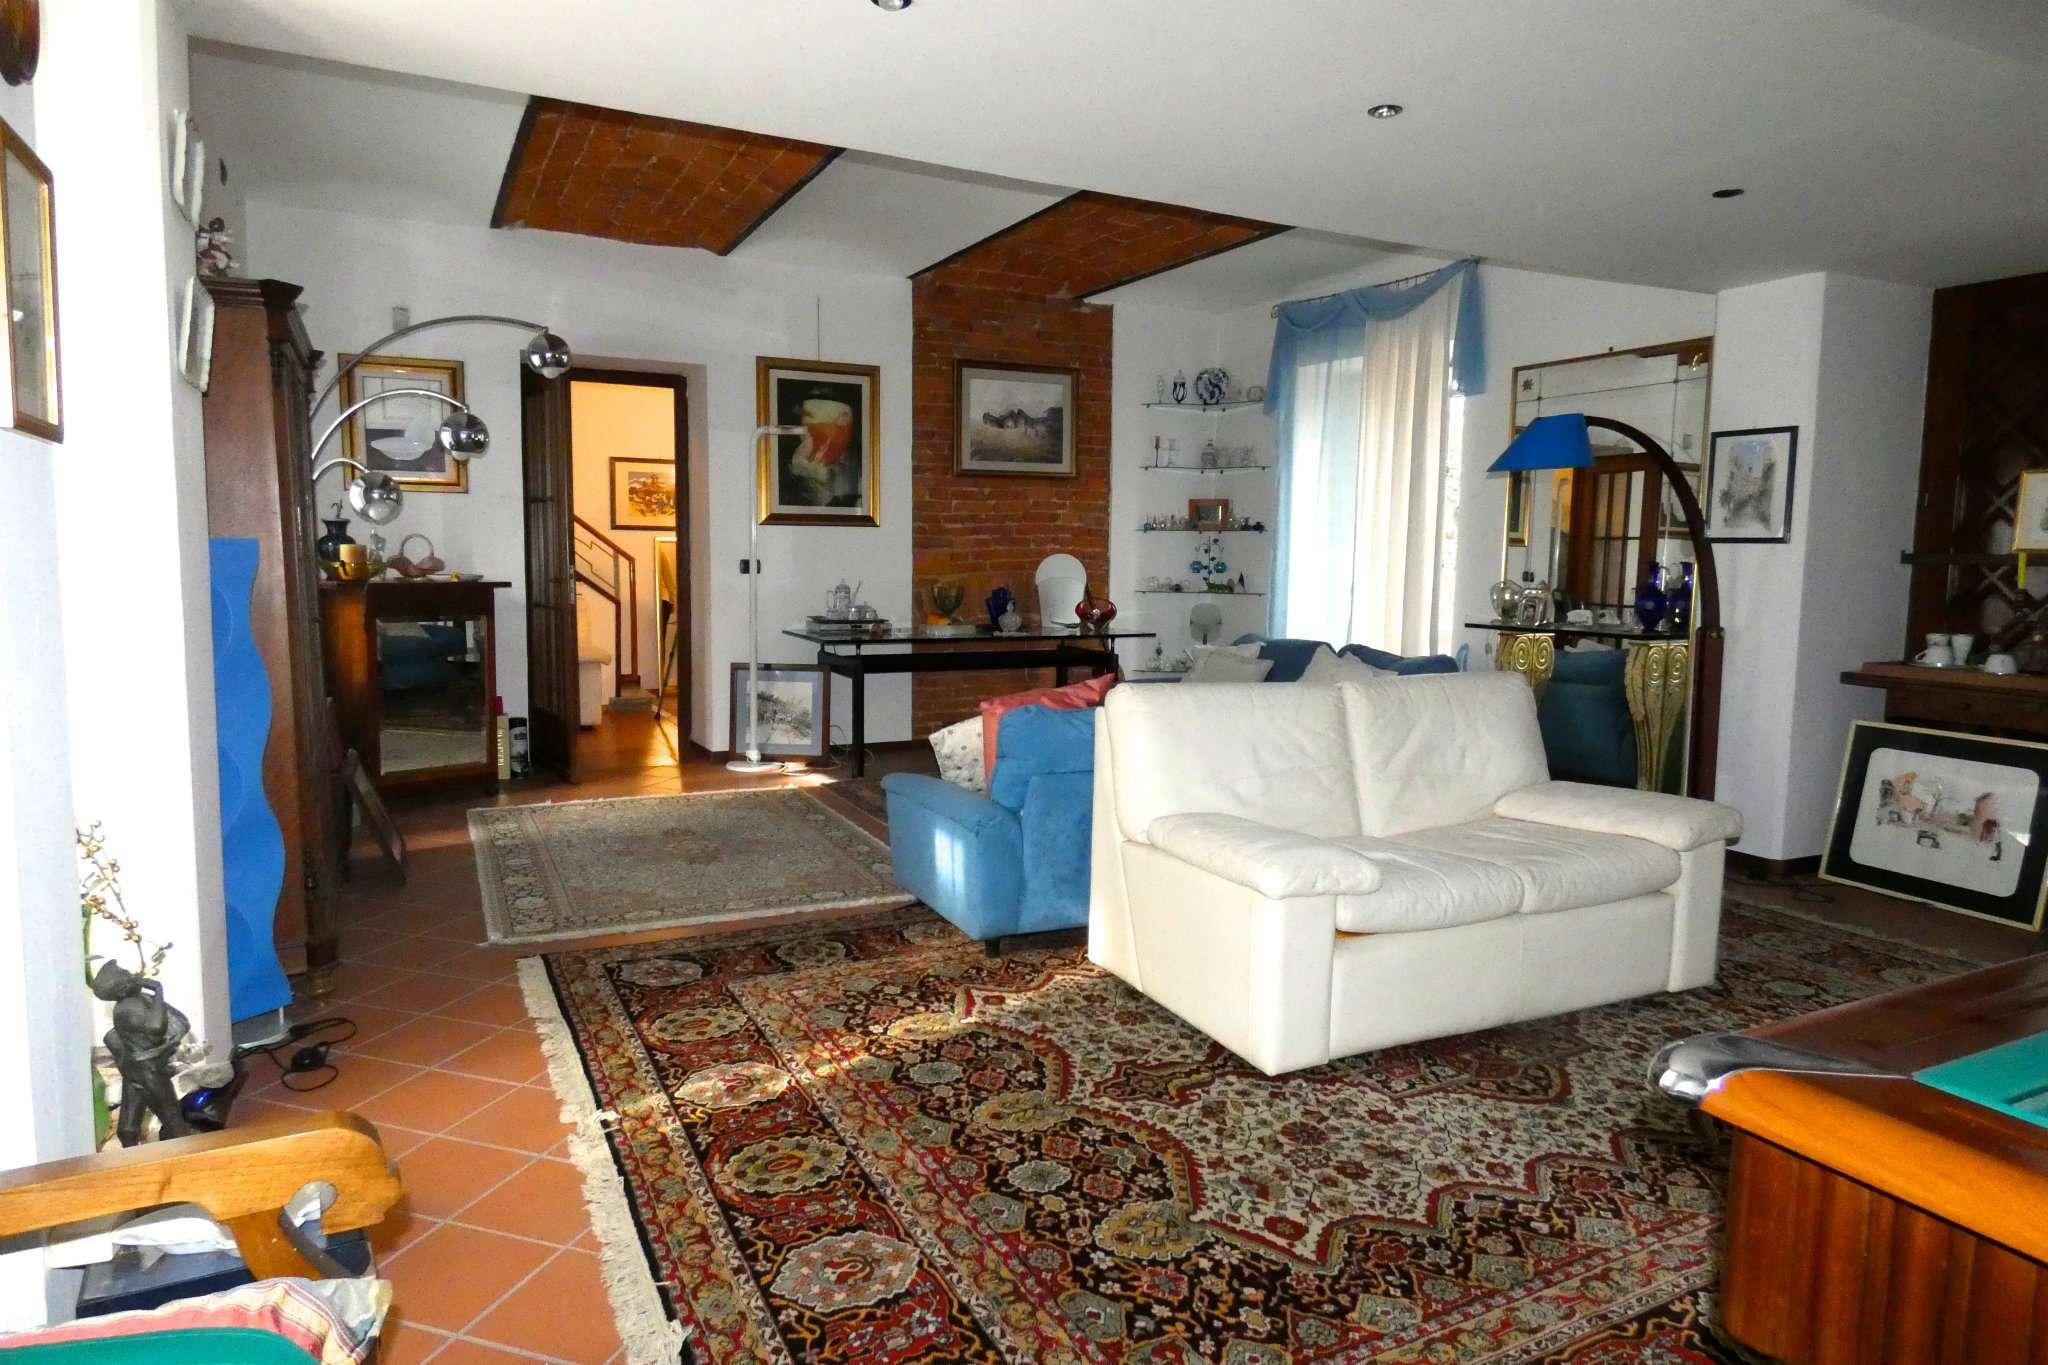 Soluzione Indipendente in vendita a Bra, 9 locali, prezzo € 360.000 | CambioCasa.it